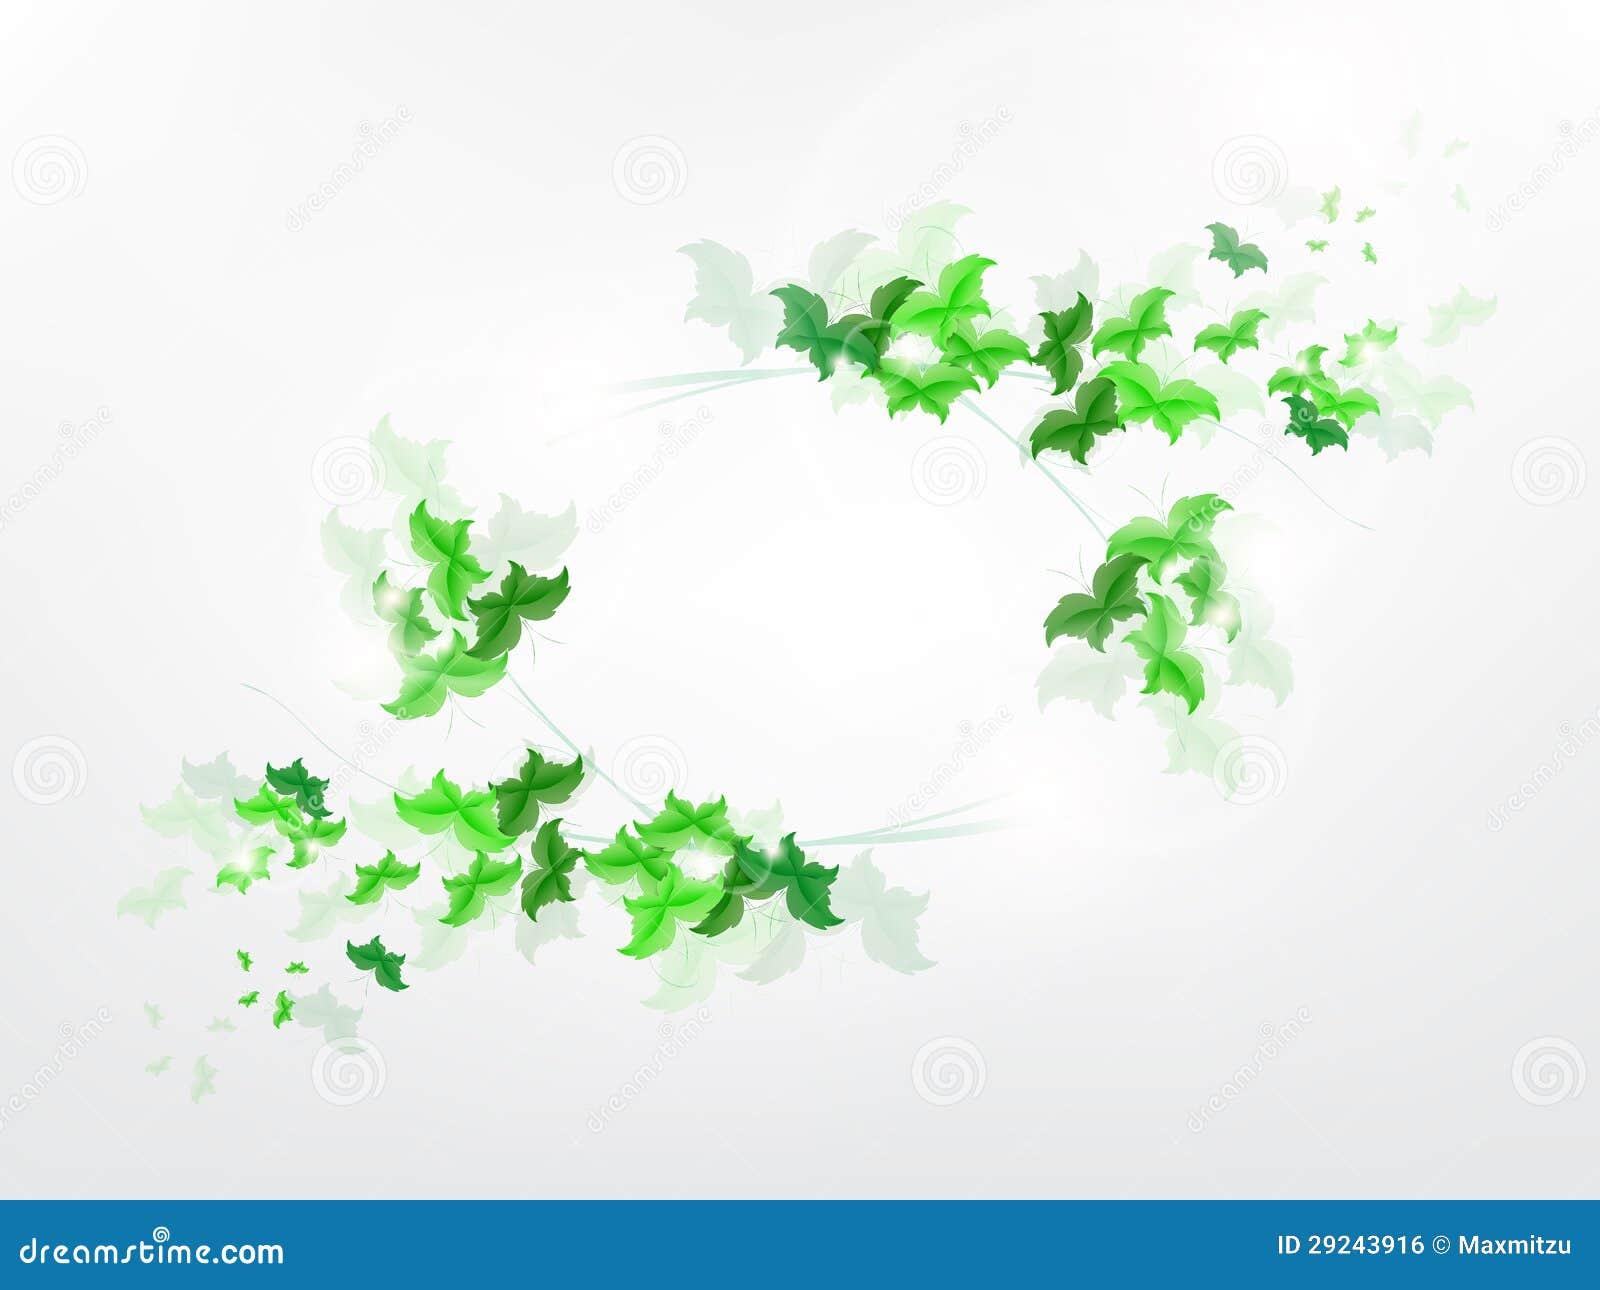 Download Fundo Ambiental Com As Borboletas Verdes Da Folha Ilustração do Vetor - Ilustração de imagem, borboleta: 29243916